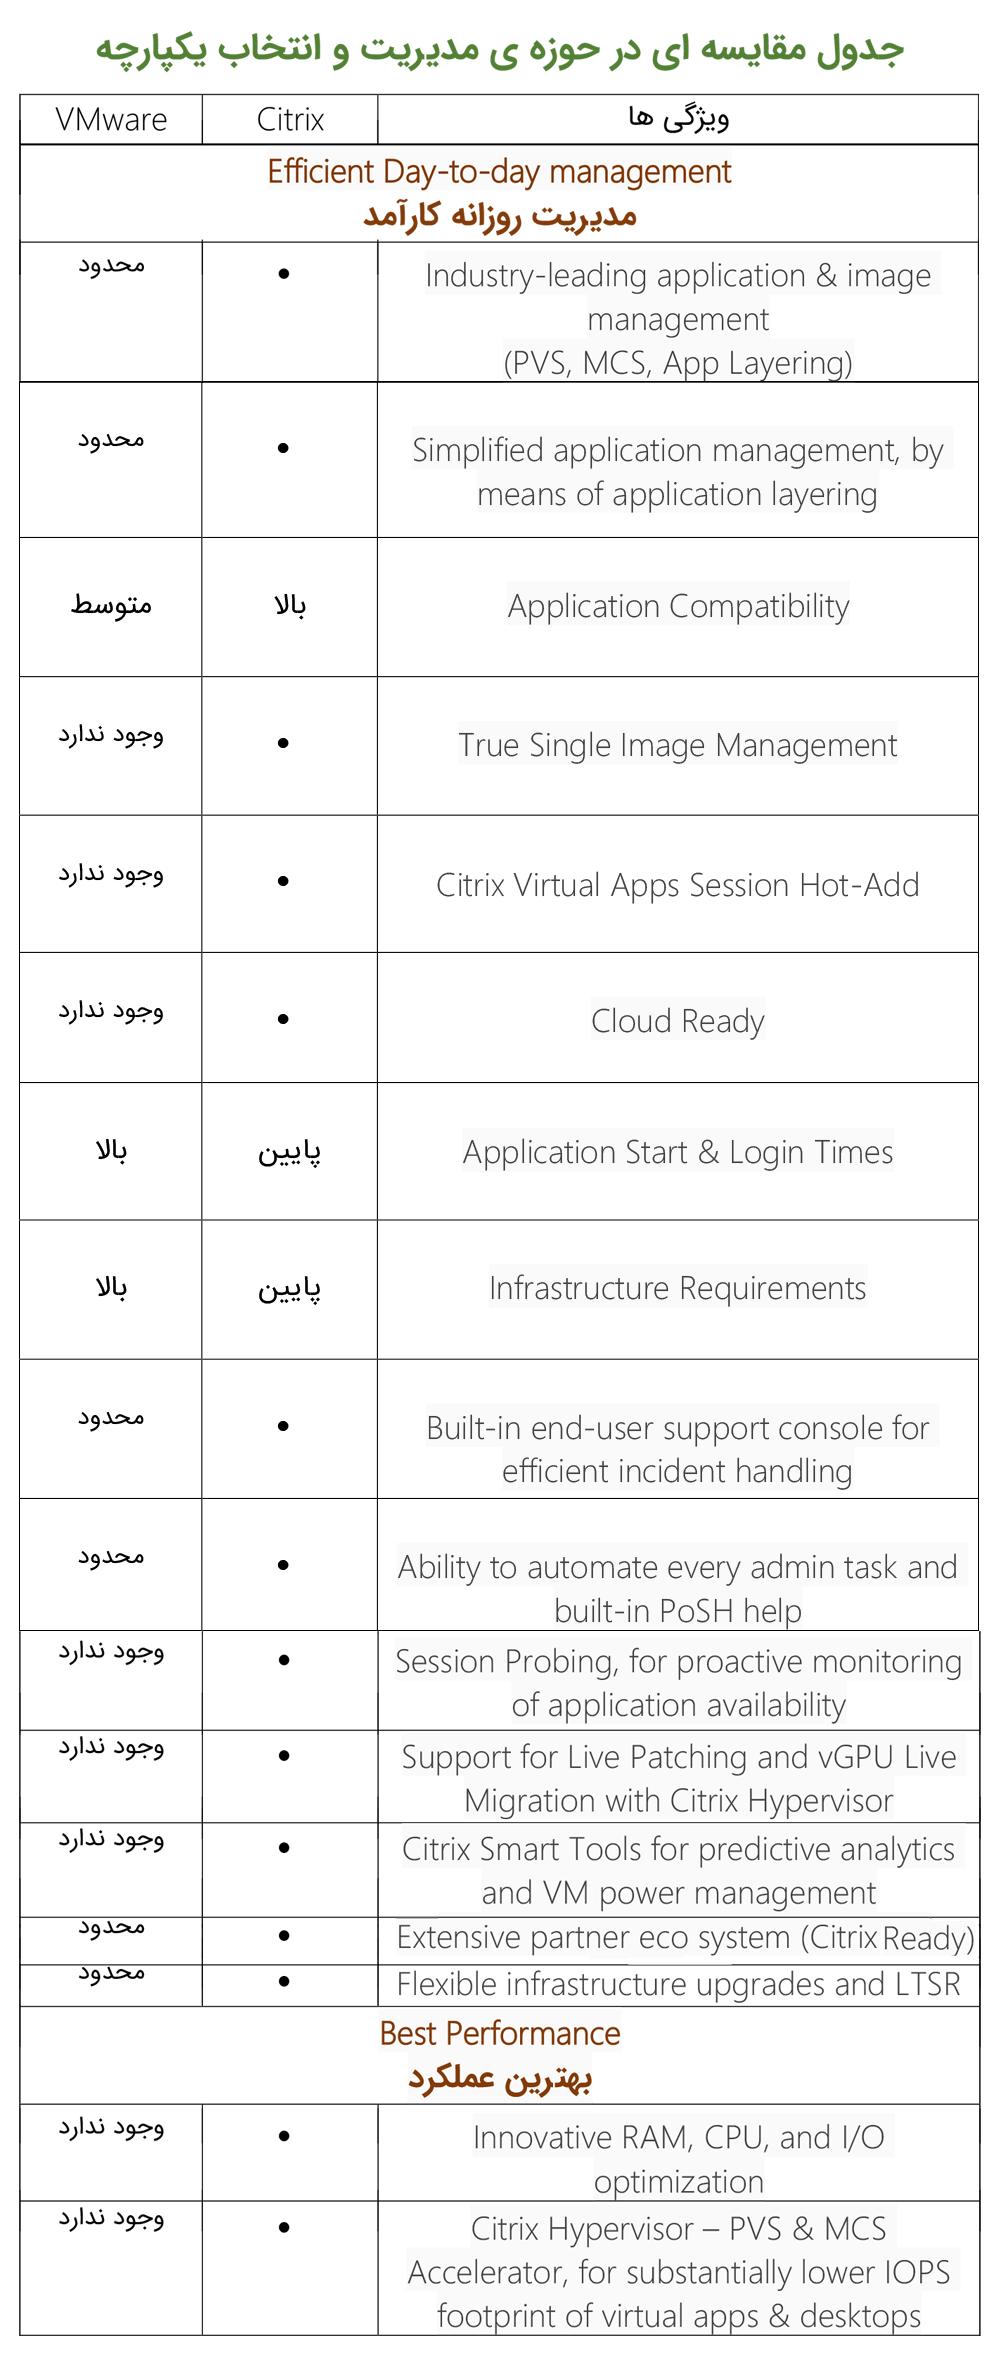 جدول مقایسه ای در حوزه مدیریت و انتخاب یکپارچه در vdi